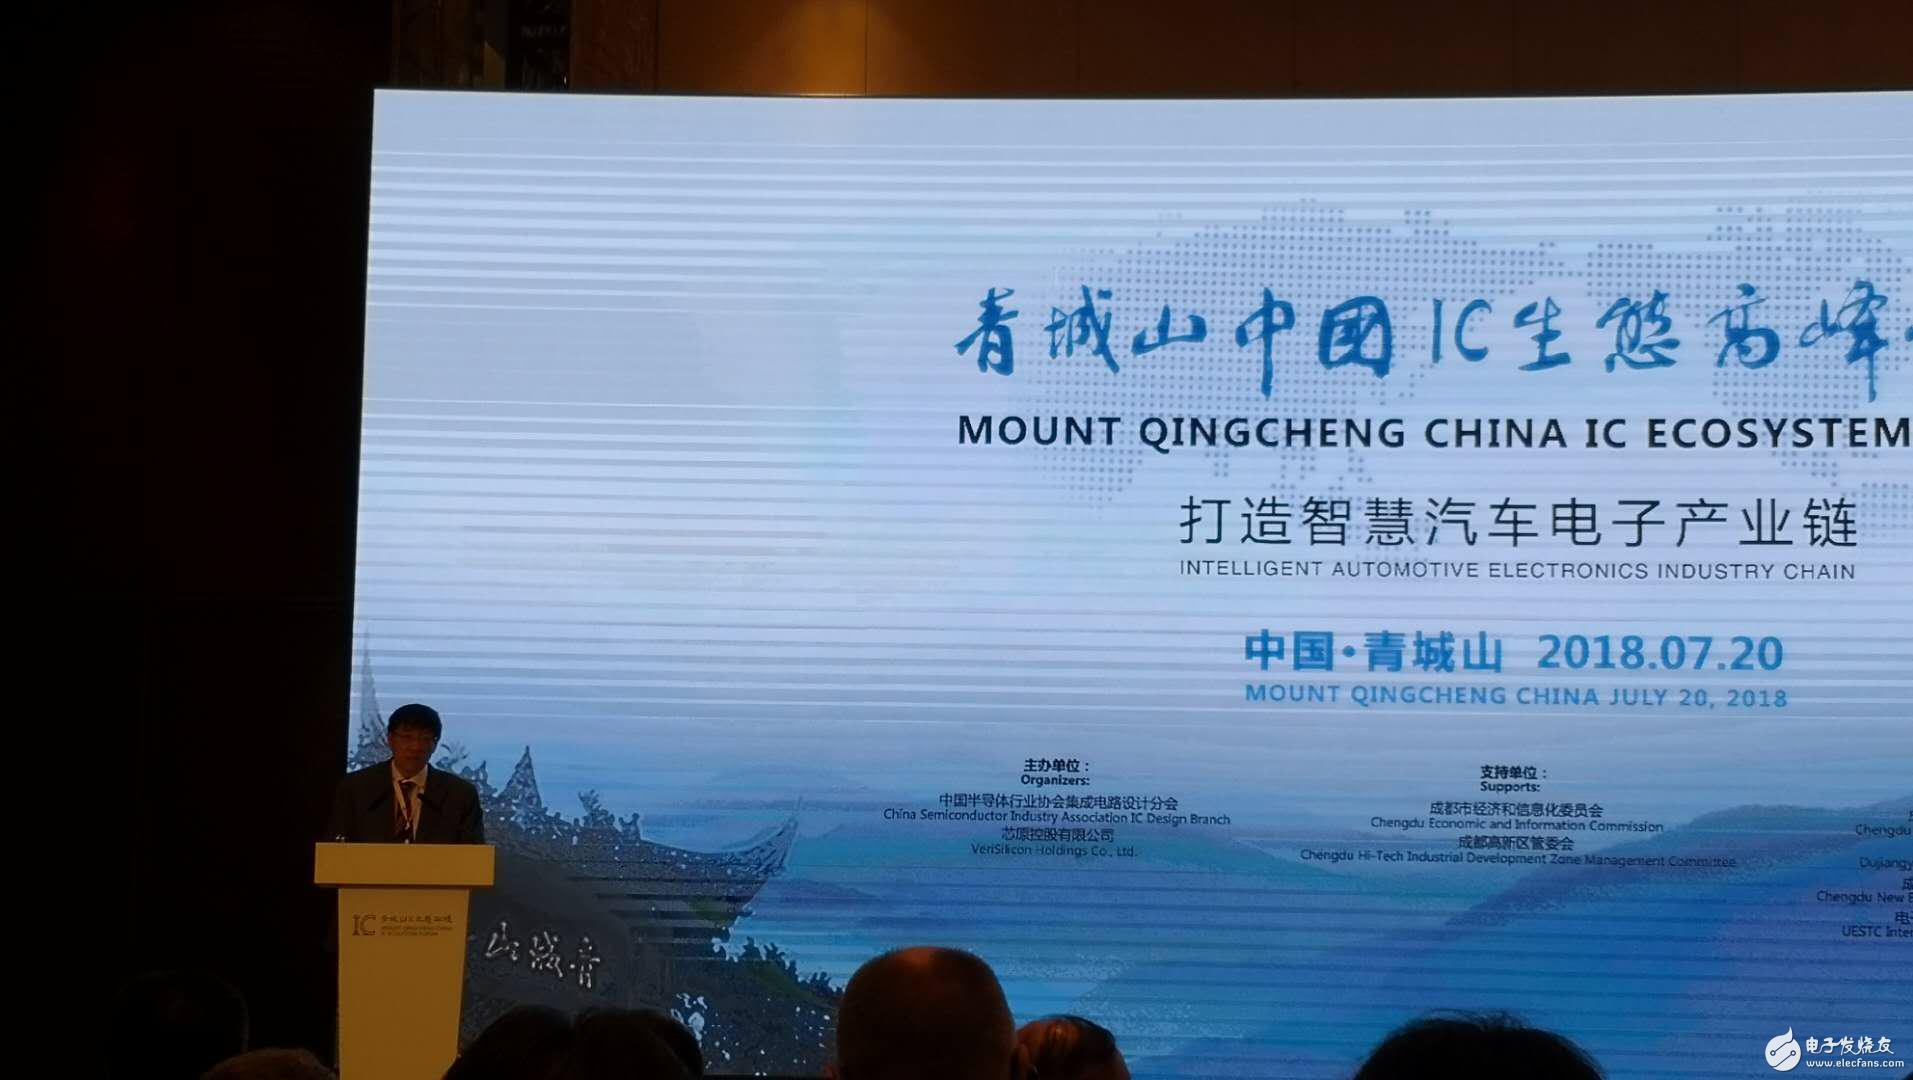 第二届青城山中国IC生态高峰论坛:打造智慧汽车电子产业链